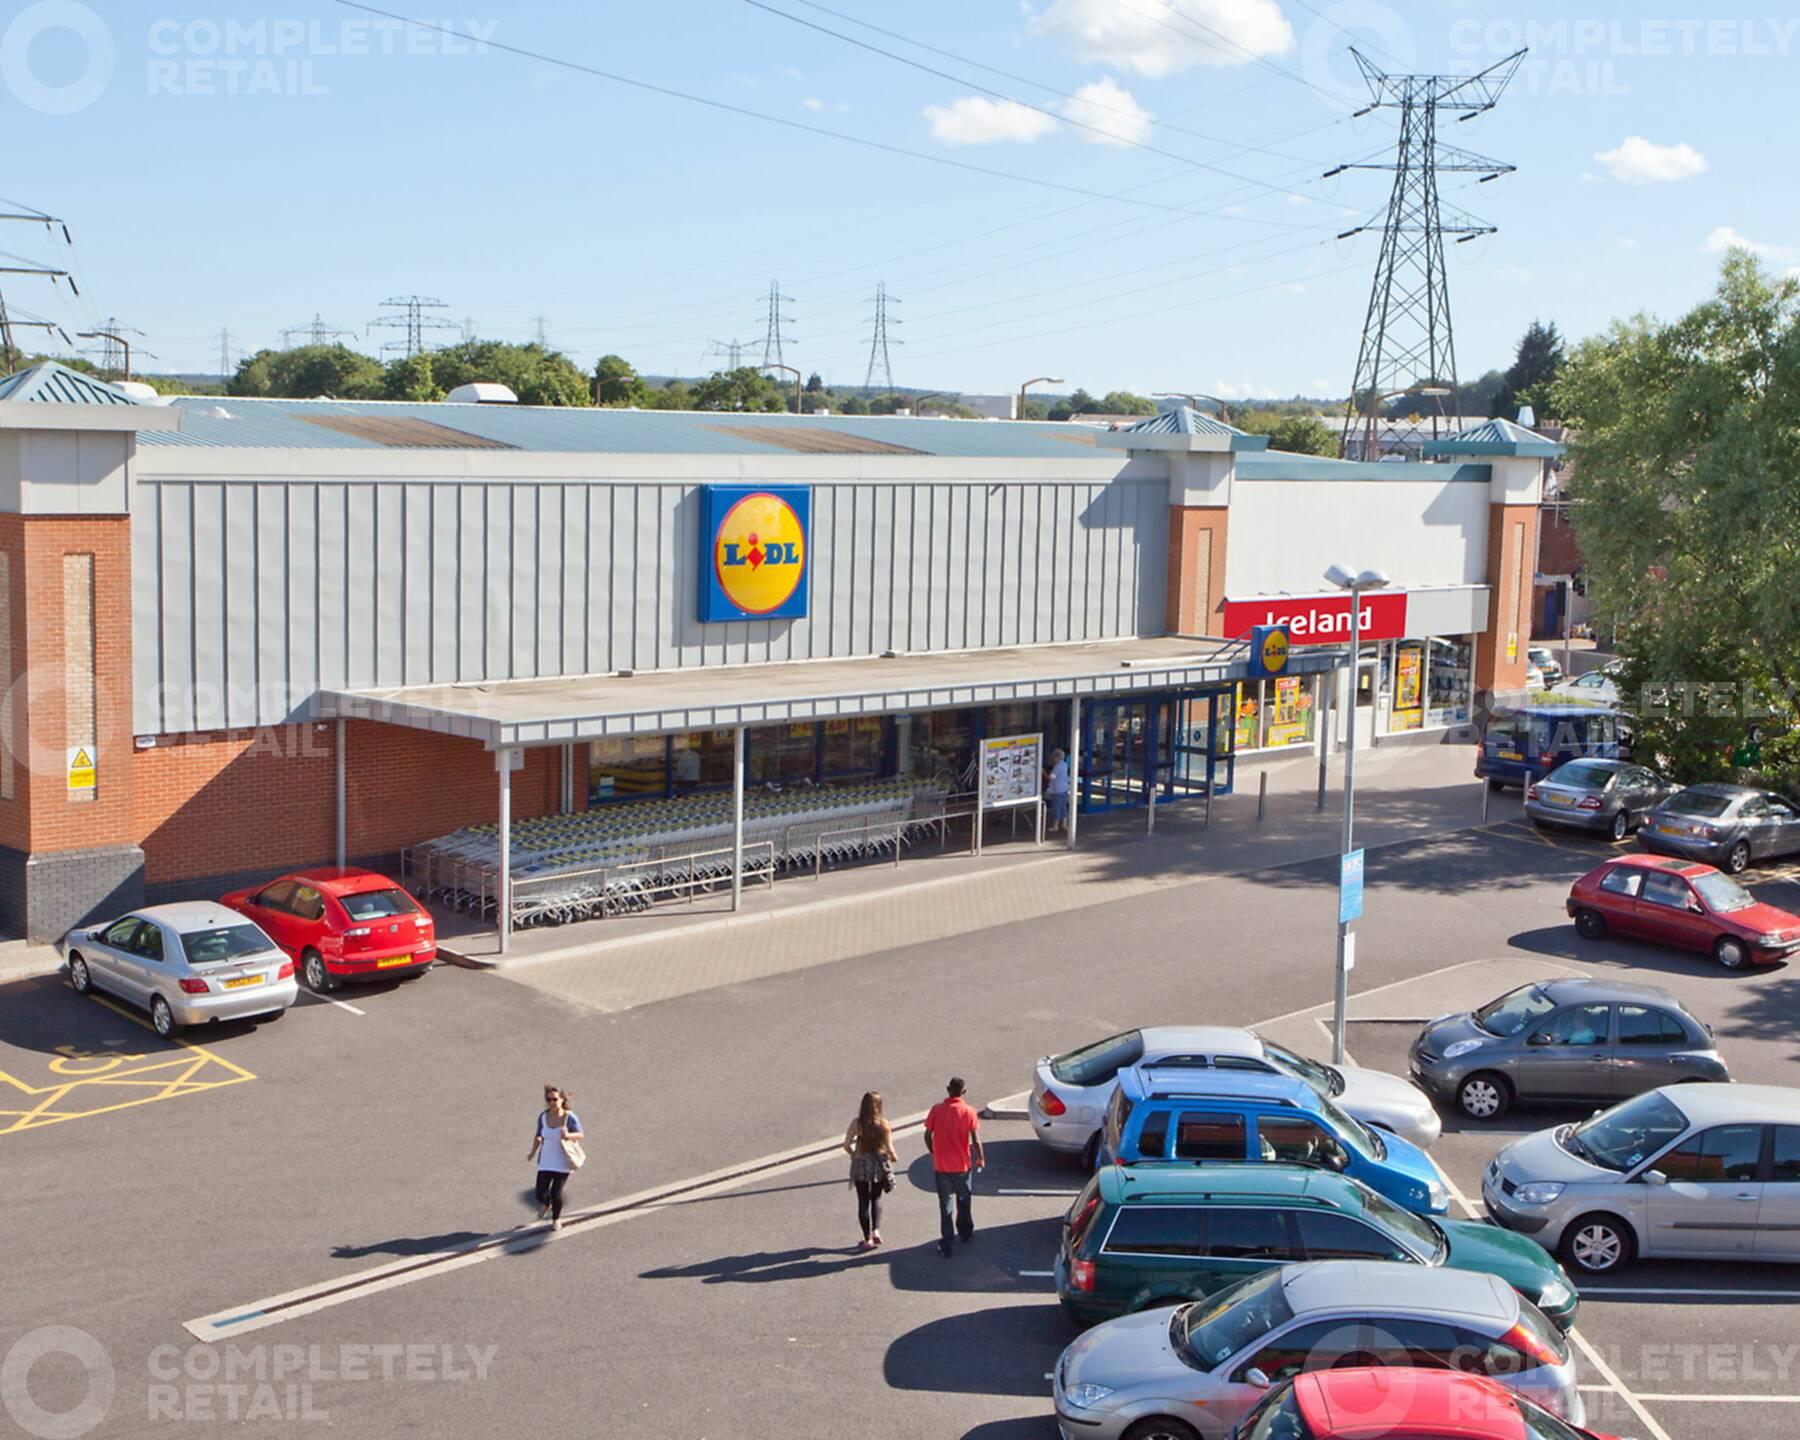 Three Bridges Retail Park